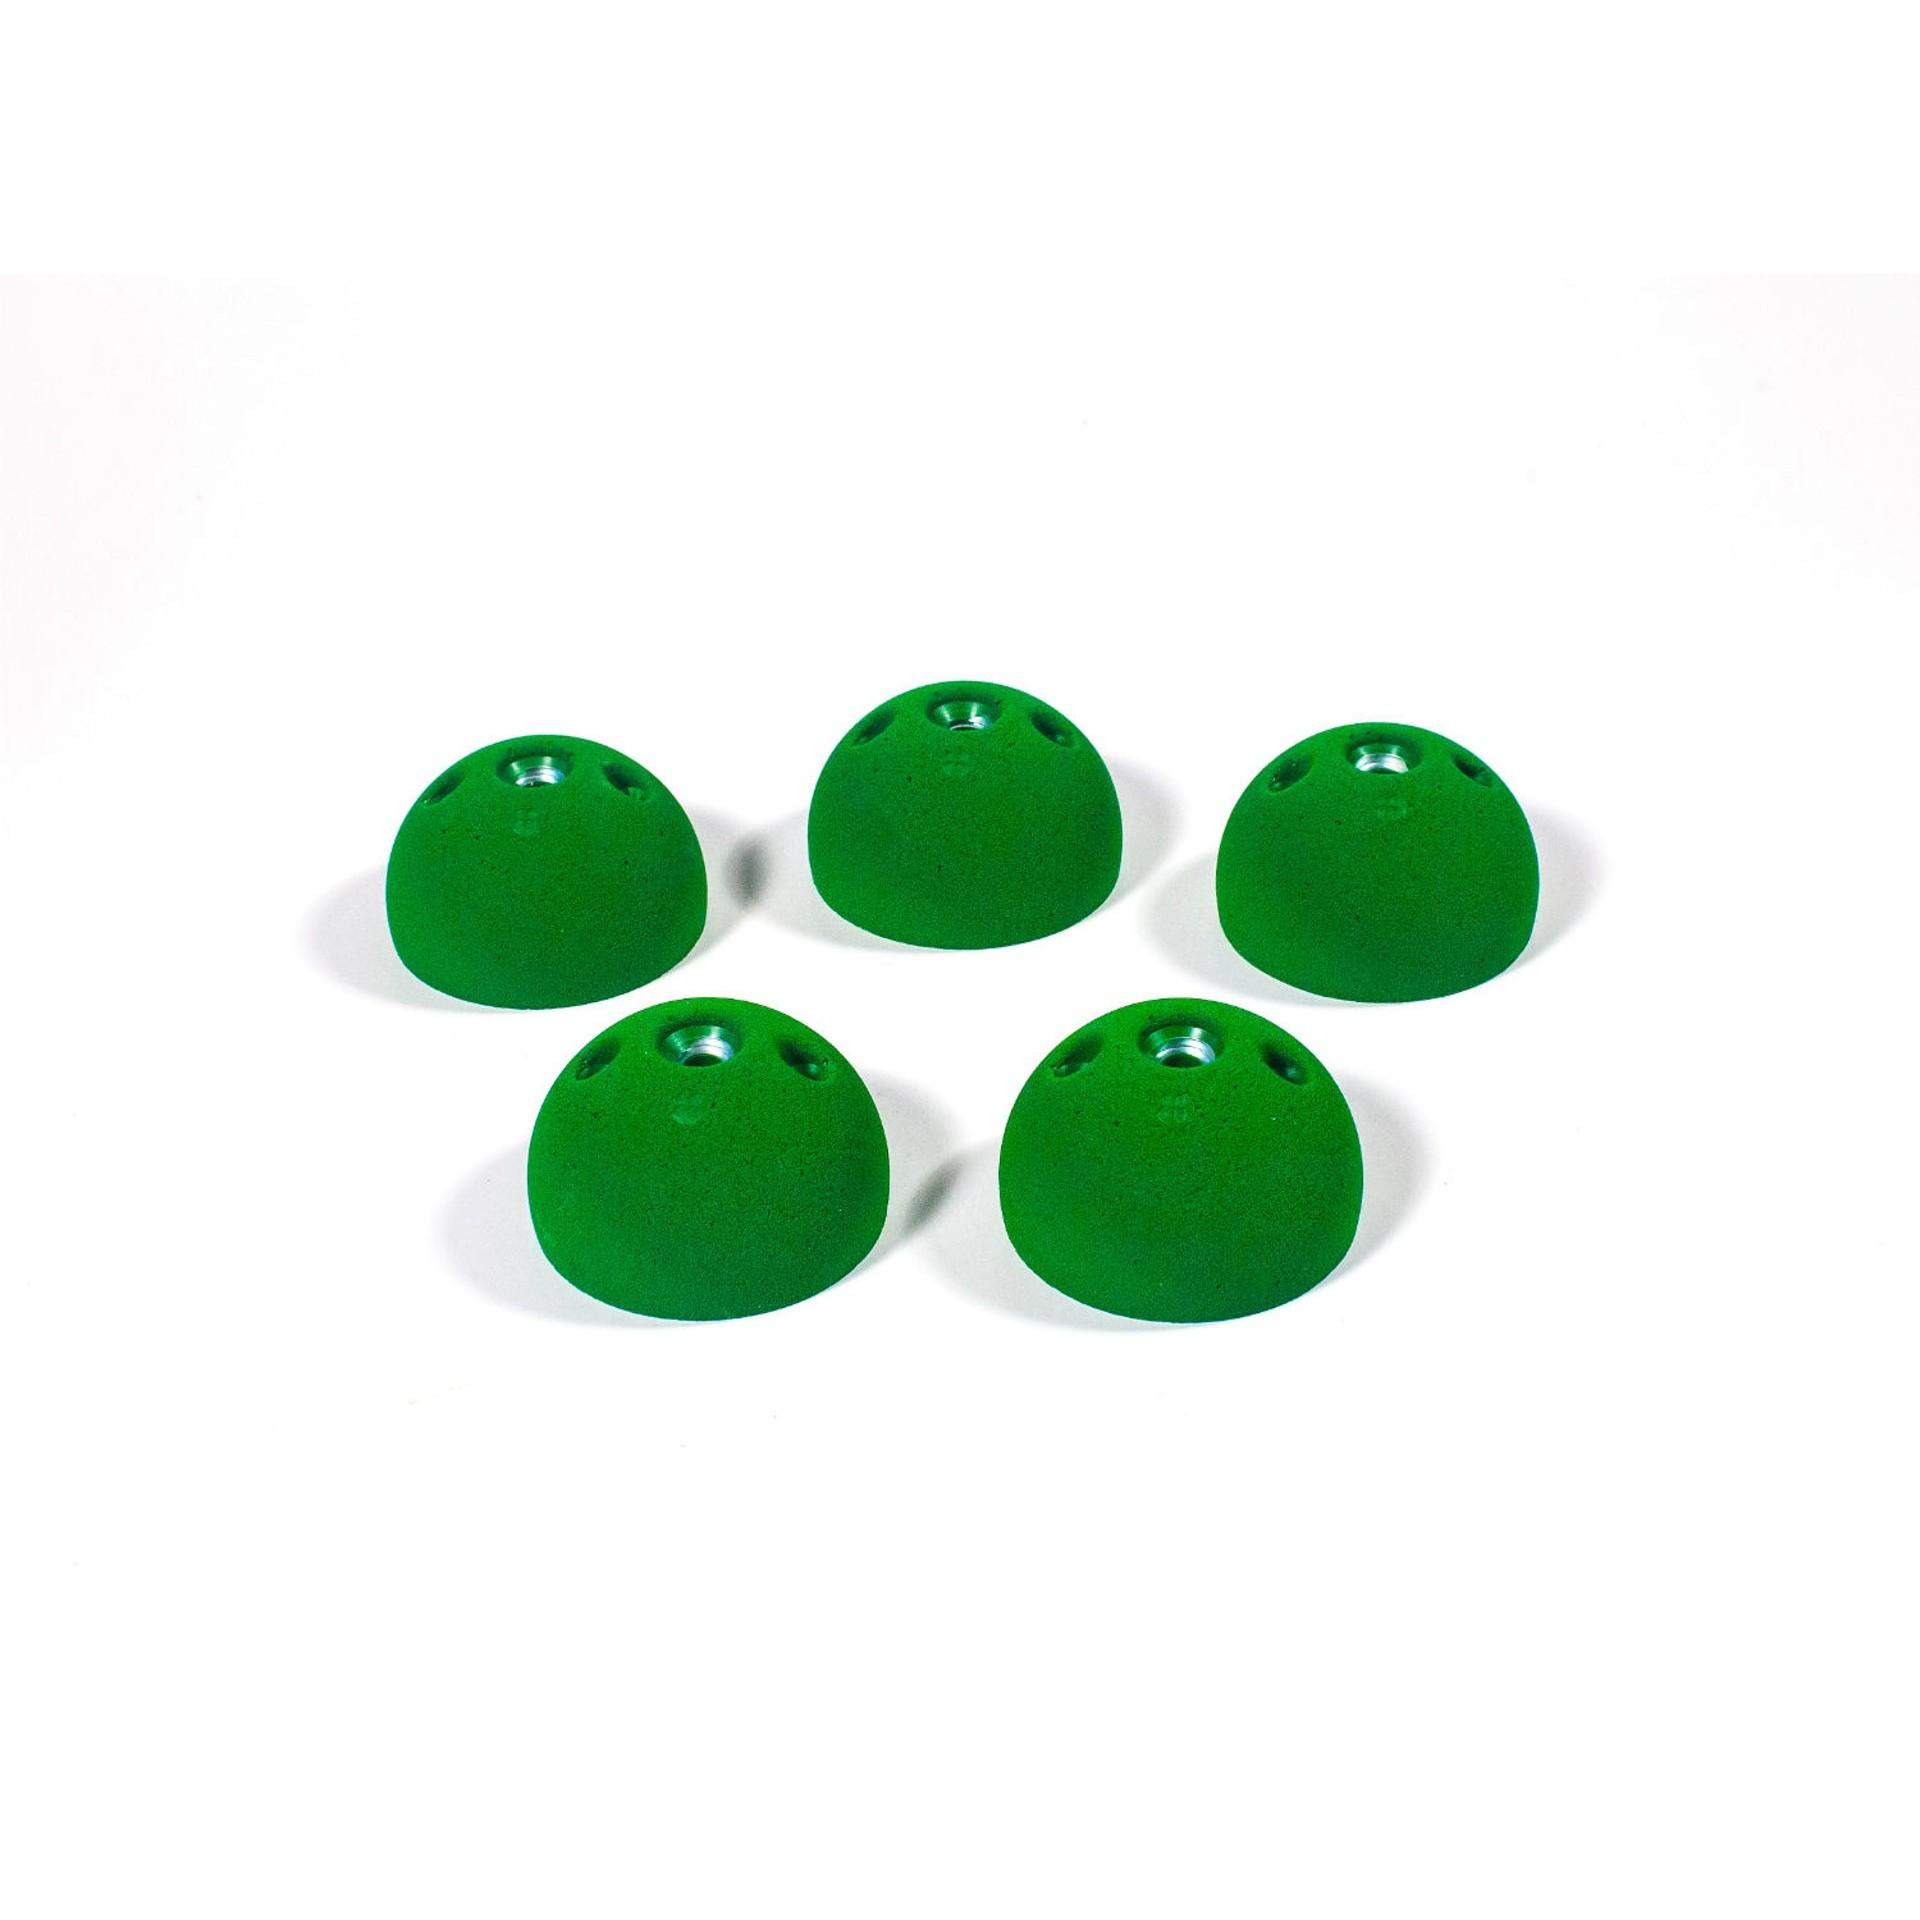 Balls 05 - Holds.fr